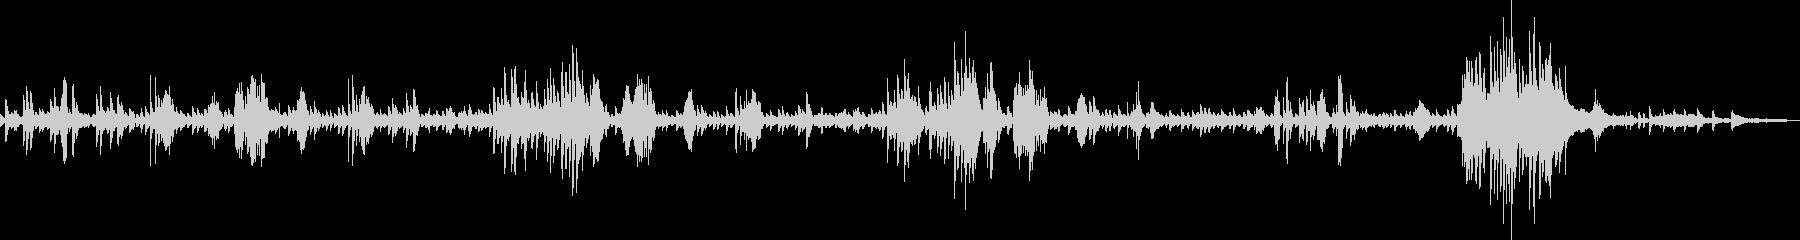 ショパン:ノクターン作品9-2の未再生の波形